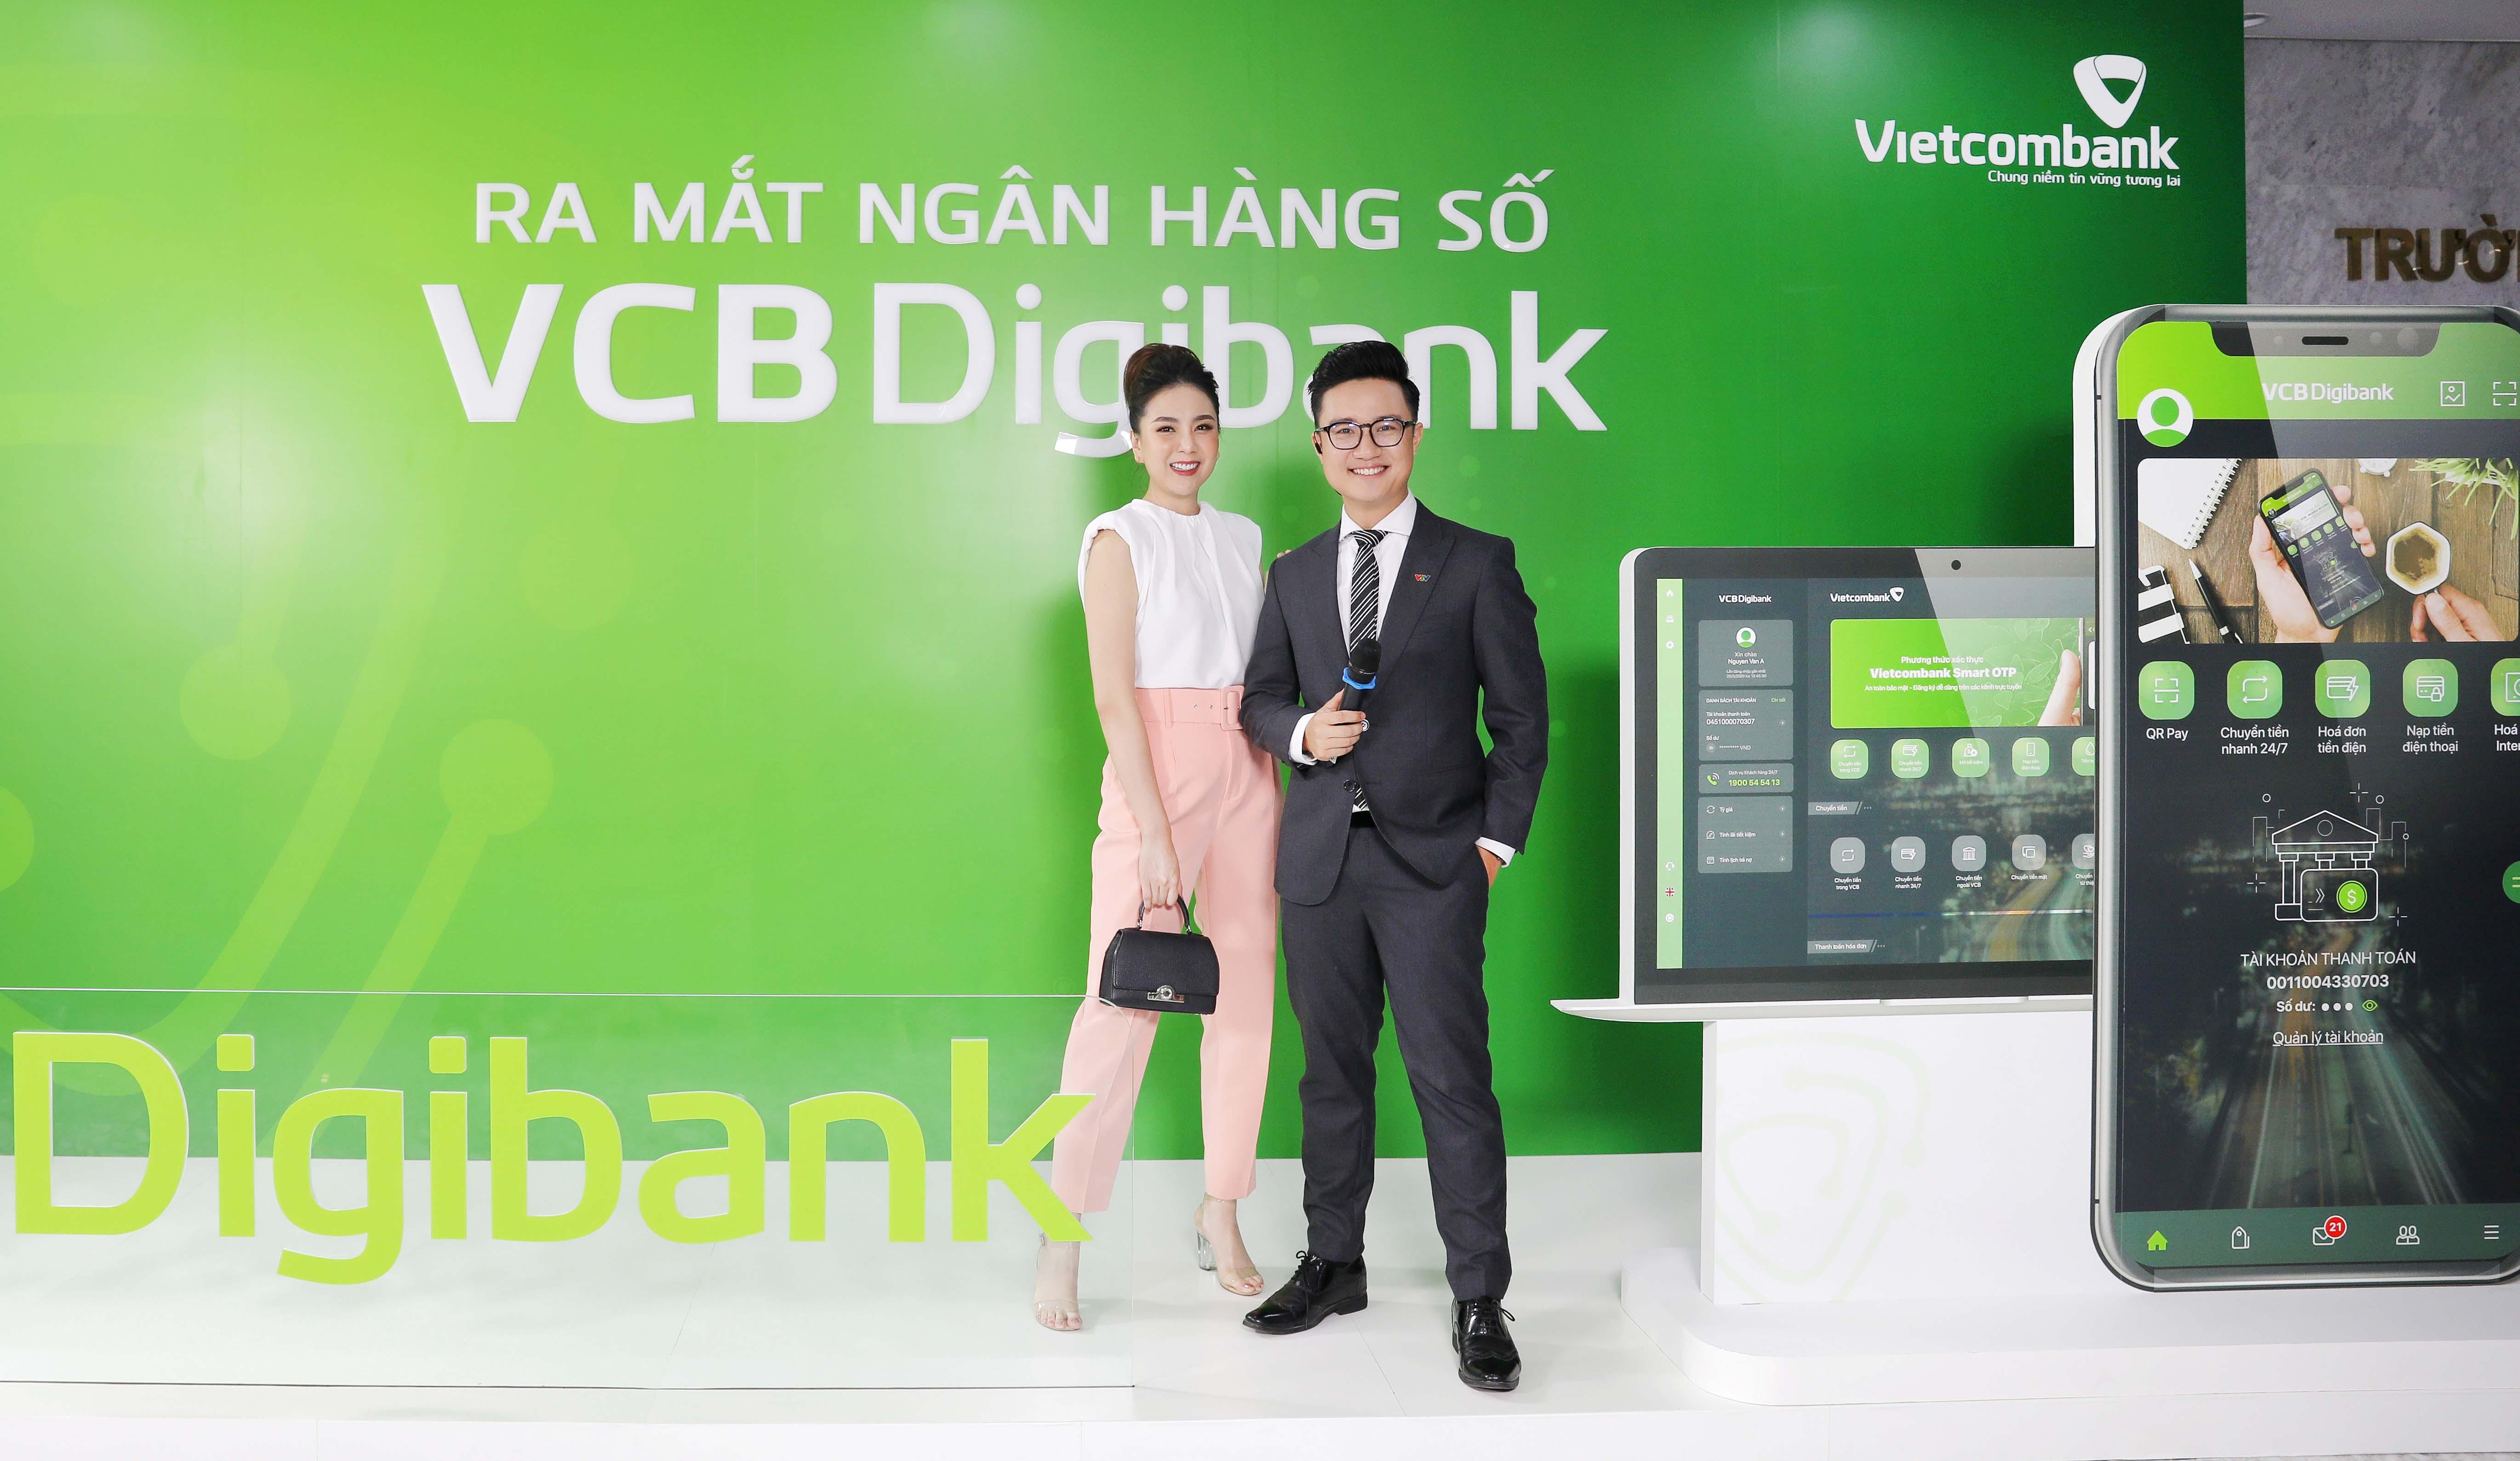 VCB Digibank được bổ sung công nghệ xác thực đăng nhập mới - Push Authentication.